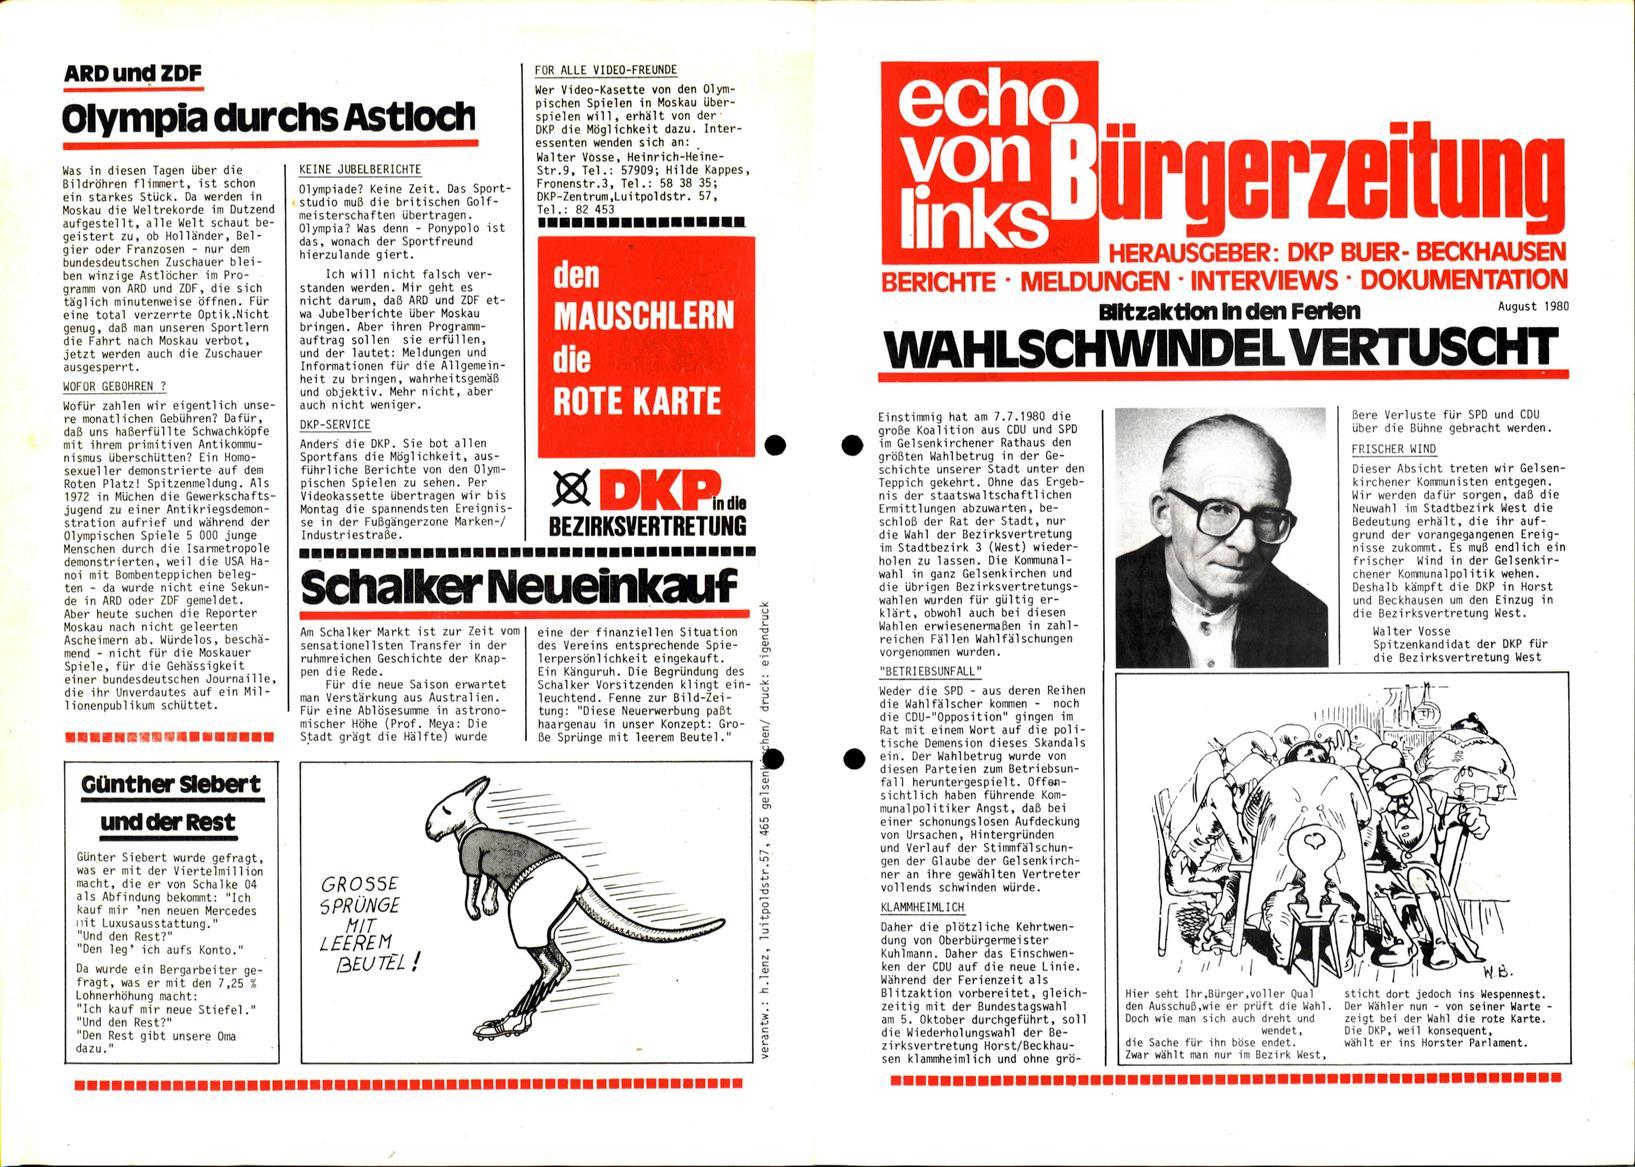 Gelsenkirchen_DKP_Echo_von_links_19800800_01